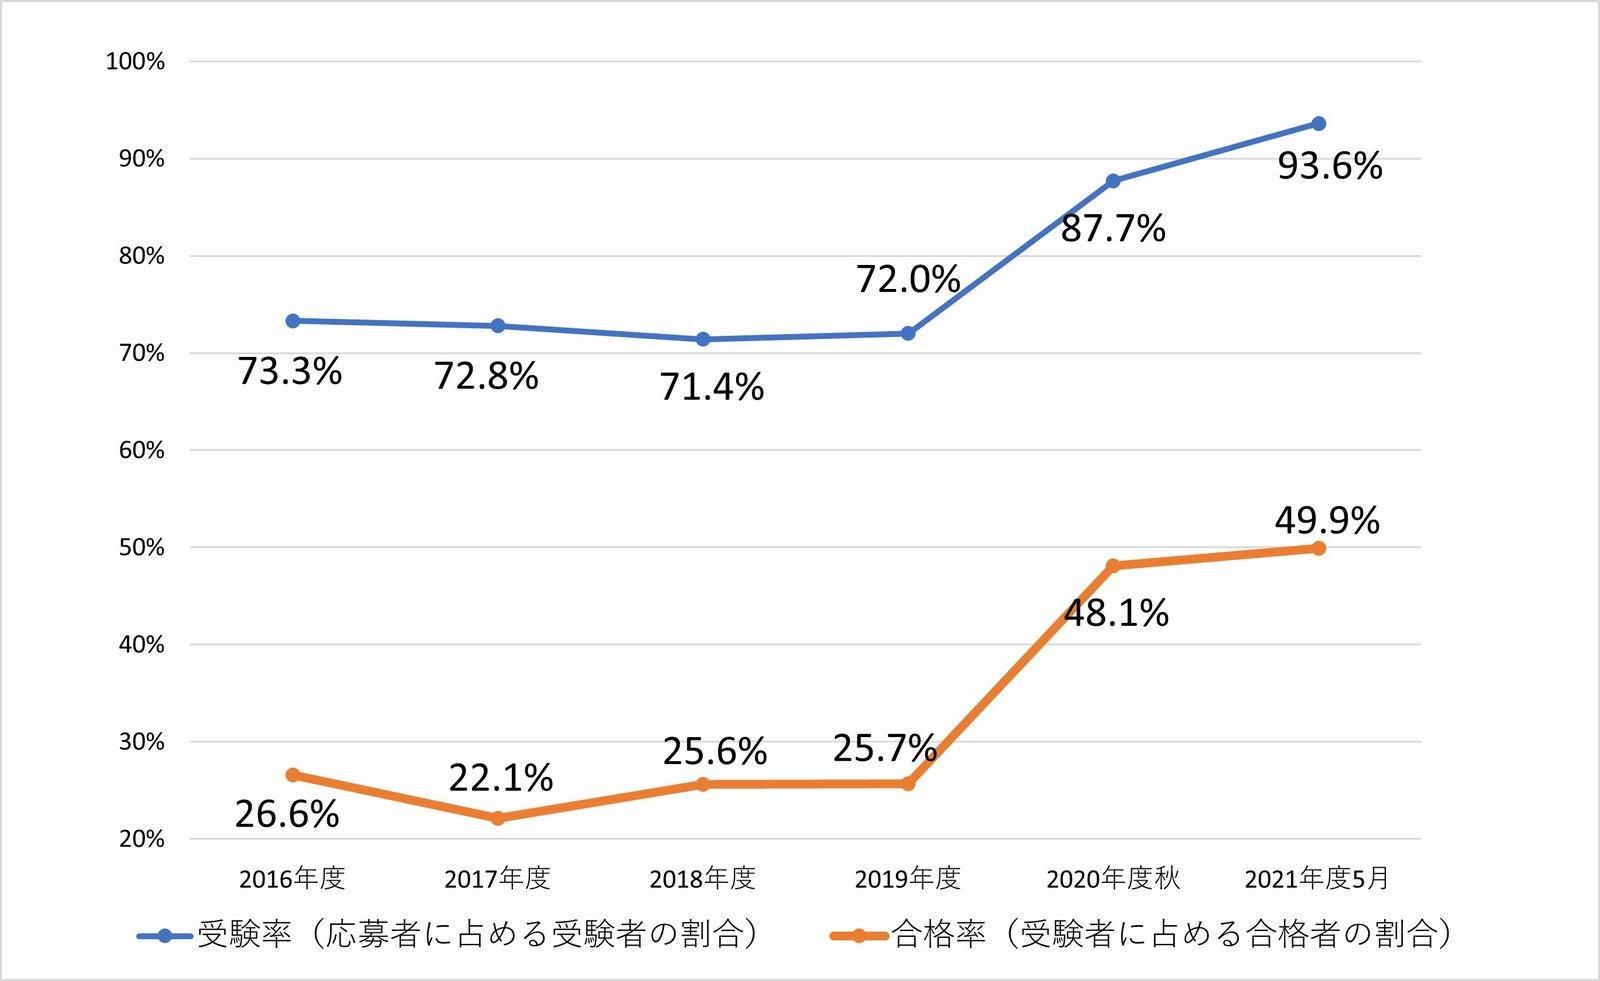 基本情報技術者試験における受験率と合格率の推移